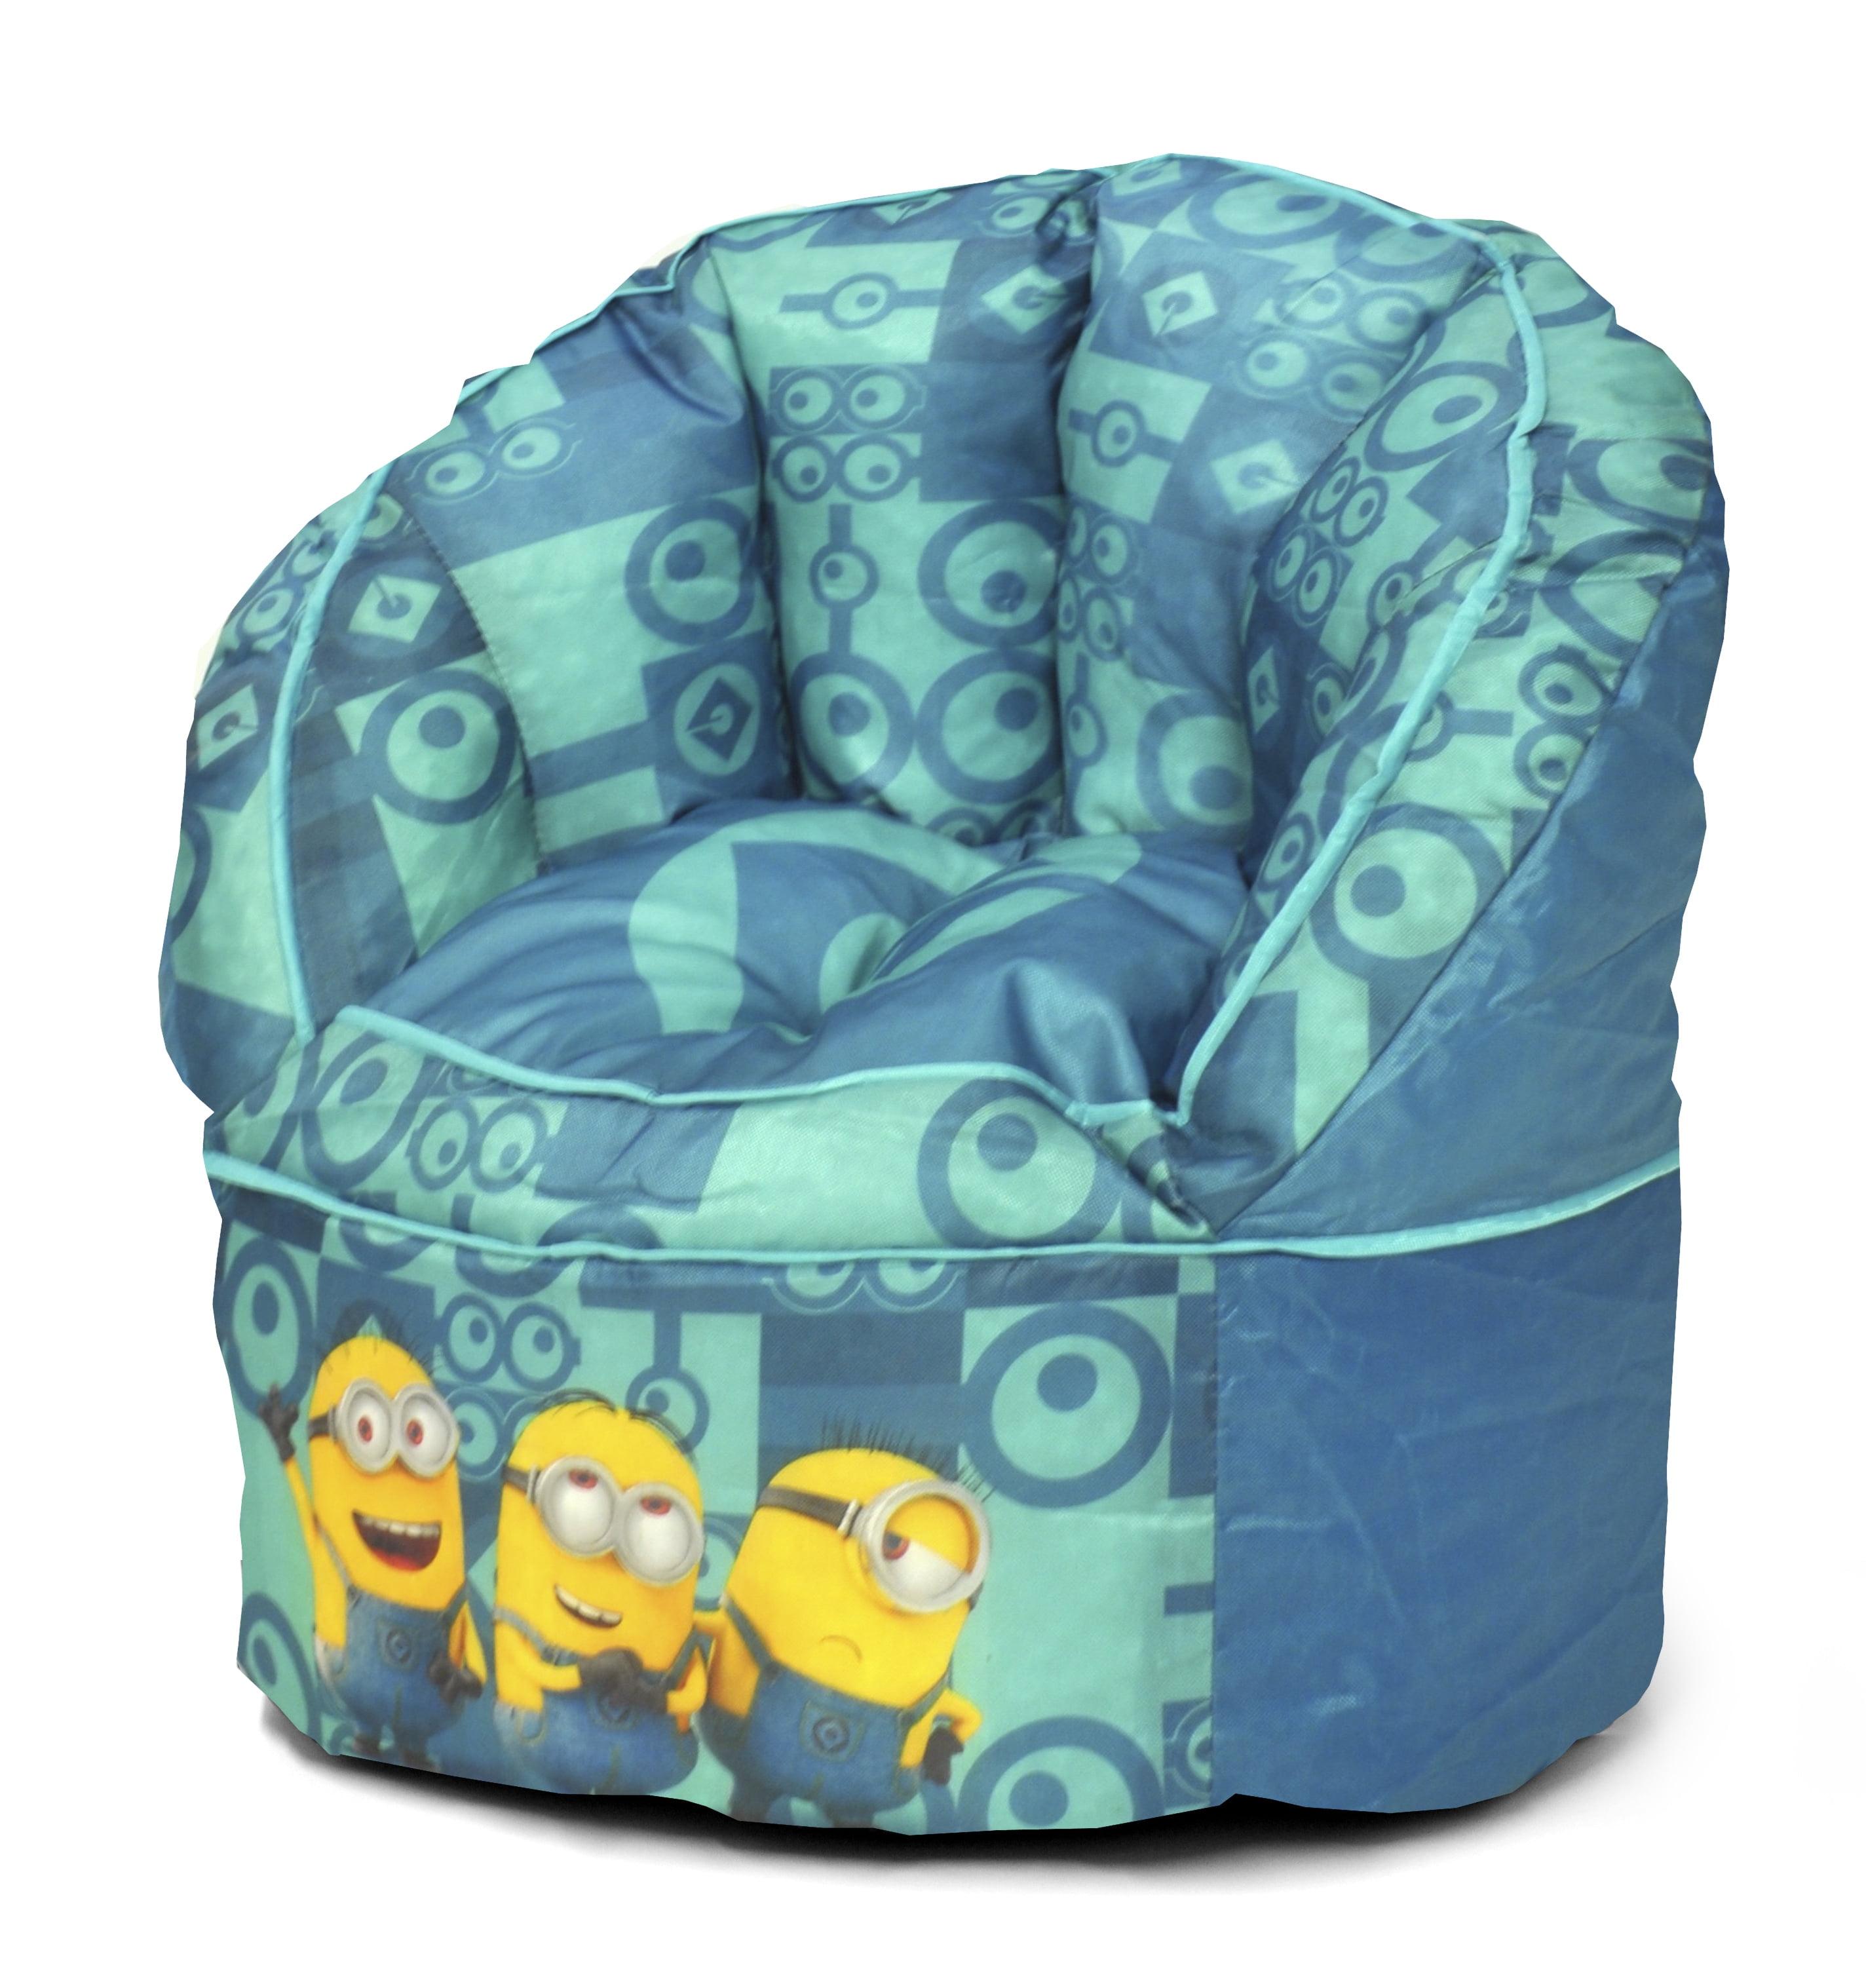 Superb Universal Minions Movie Kids Bean Bag Chair Walmart Com Bralicious Painted Fabric Chair Ideas Braliciousco